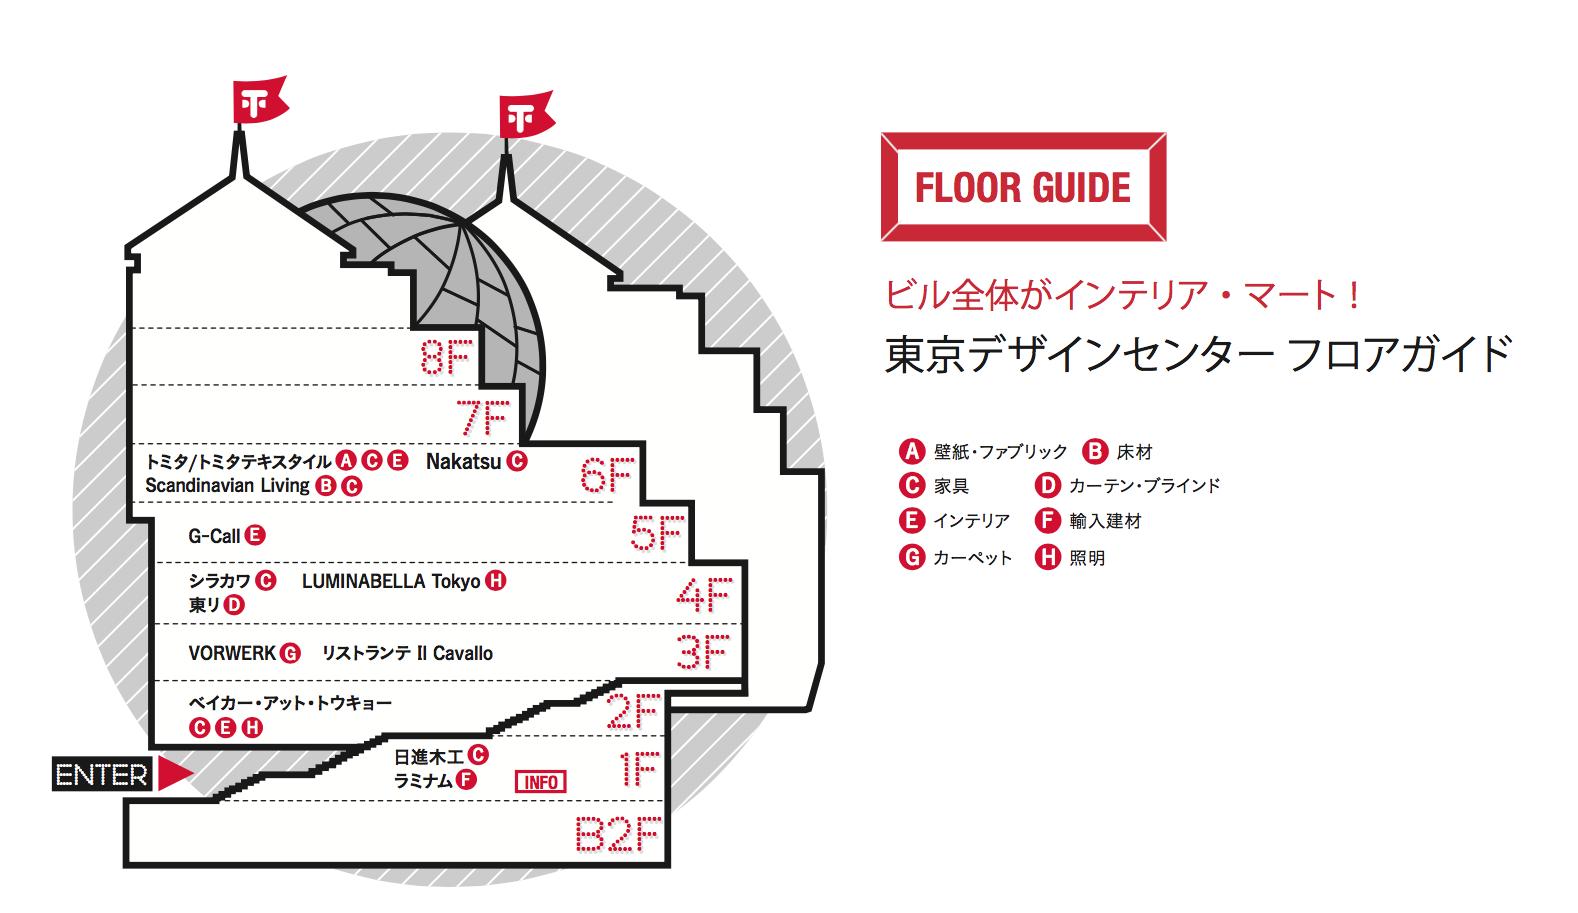 東京デザインセンター フロアガイド